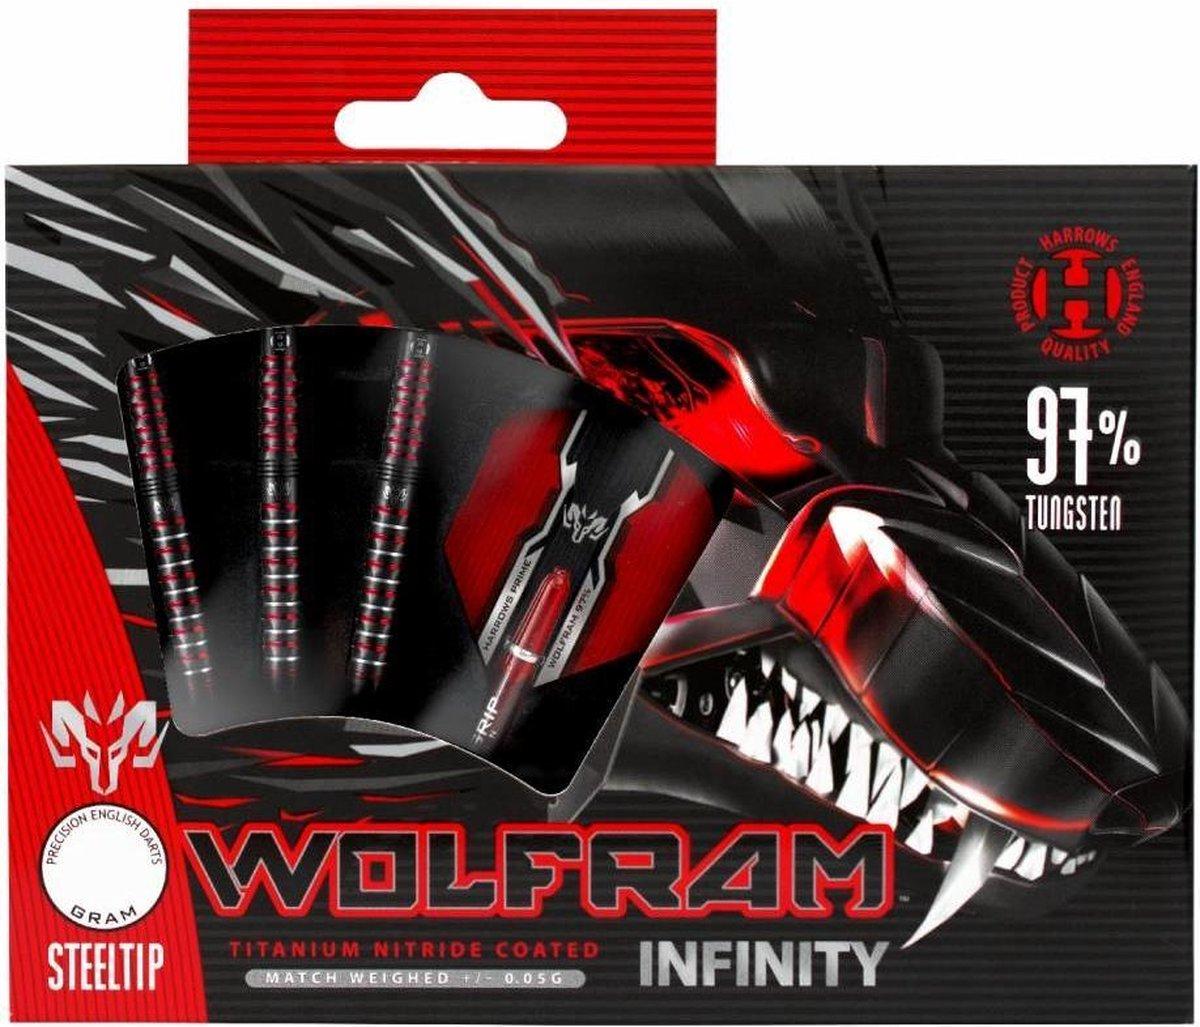 Harrows Wolfram Infinity 97% Tungsten Steeltip 23 gram